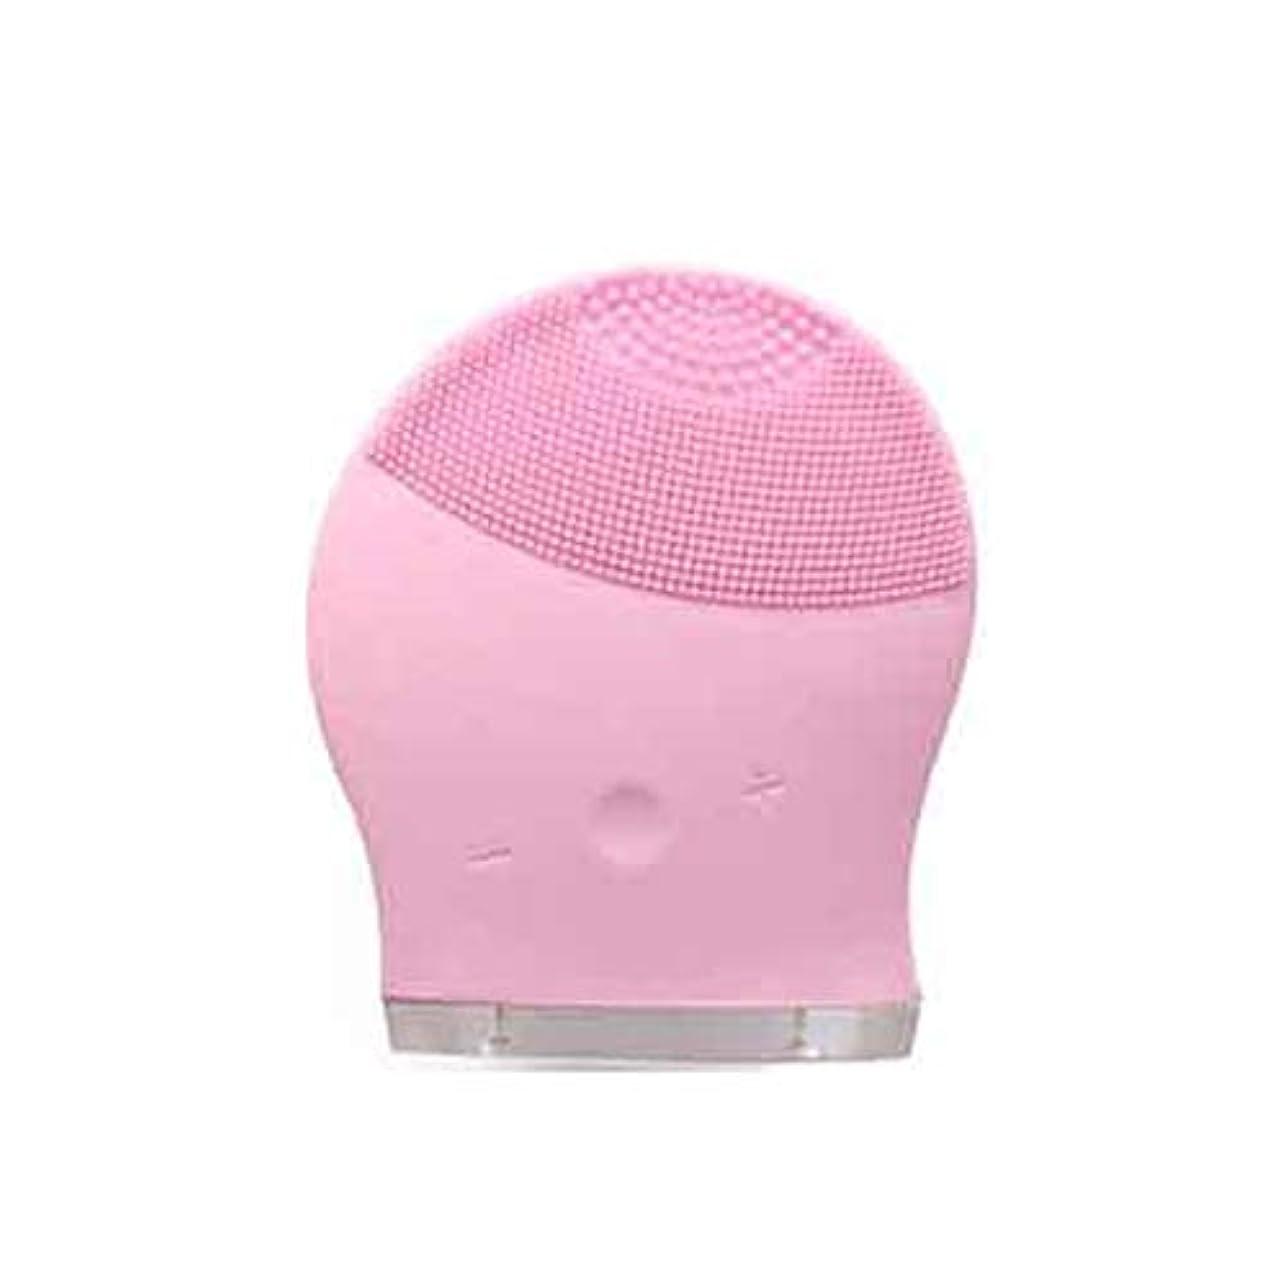 満足させる苛性韻CAFUTY 超音波電気防水クレンジングデバイスの顔の除染孔クレンジングクレンジングデバイス (Color : ブルー)